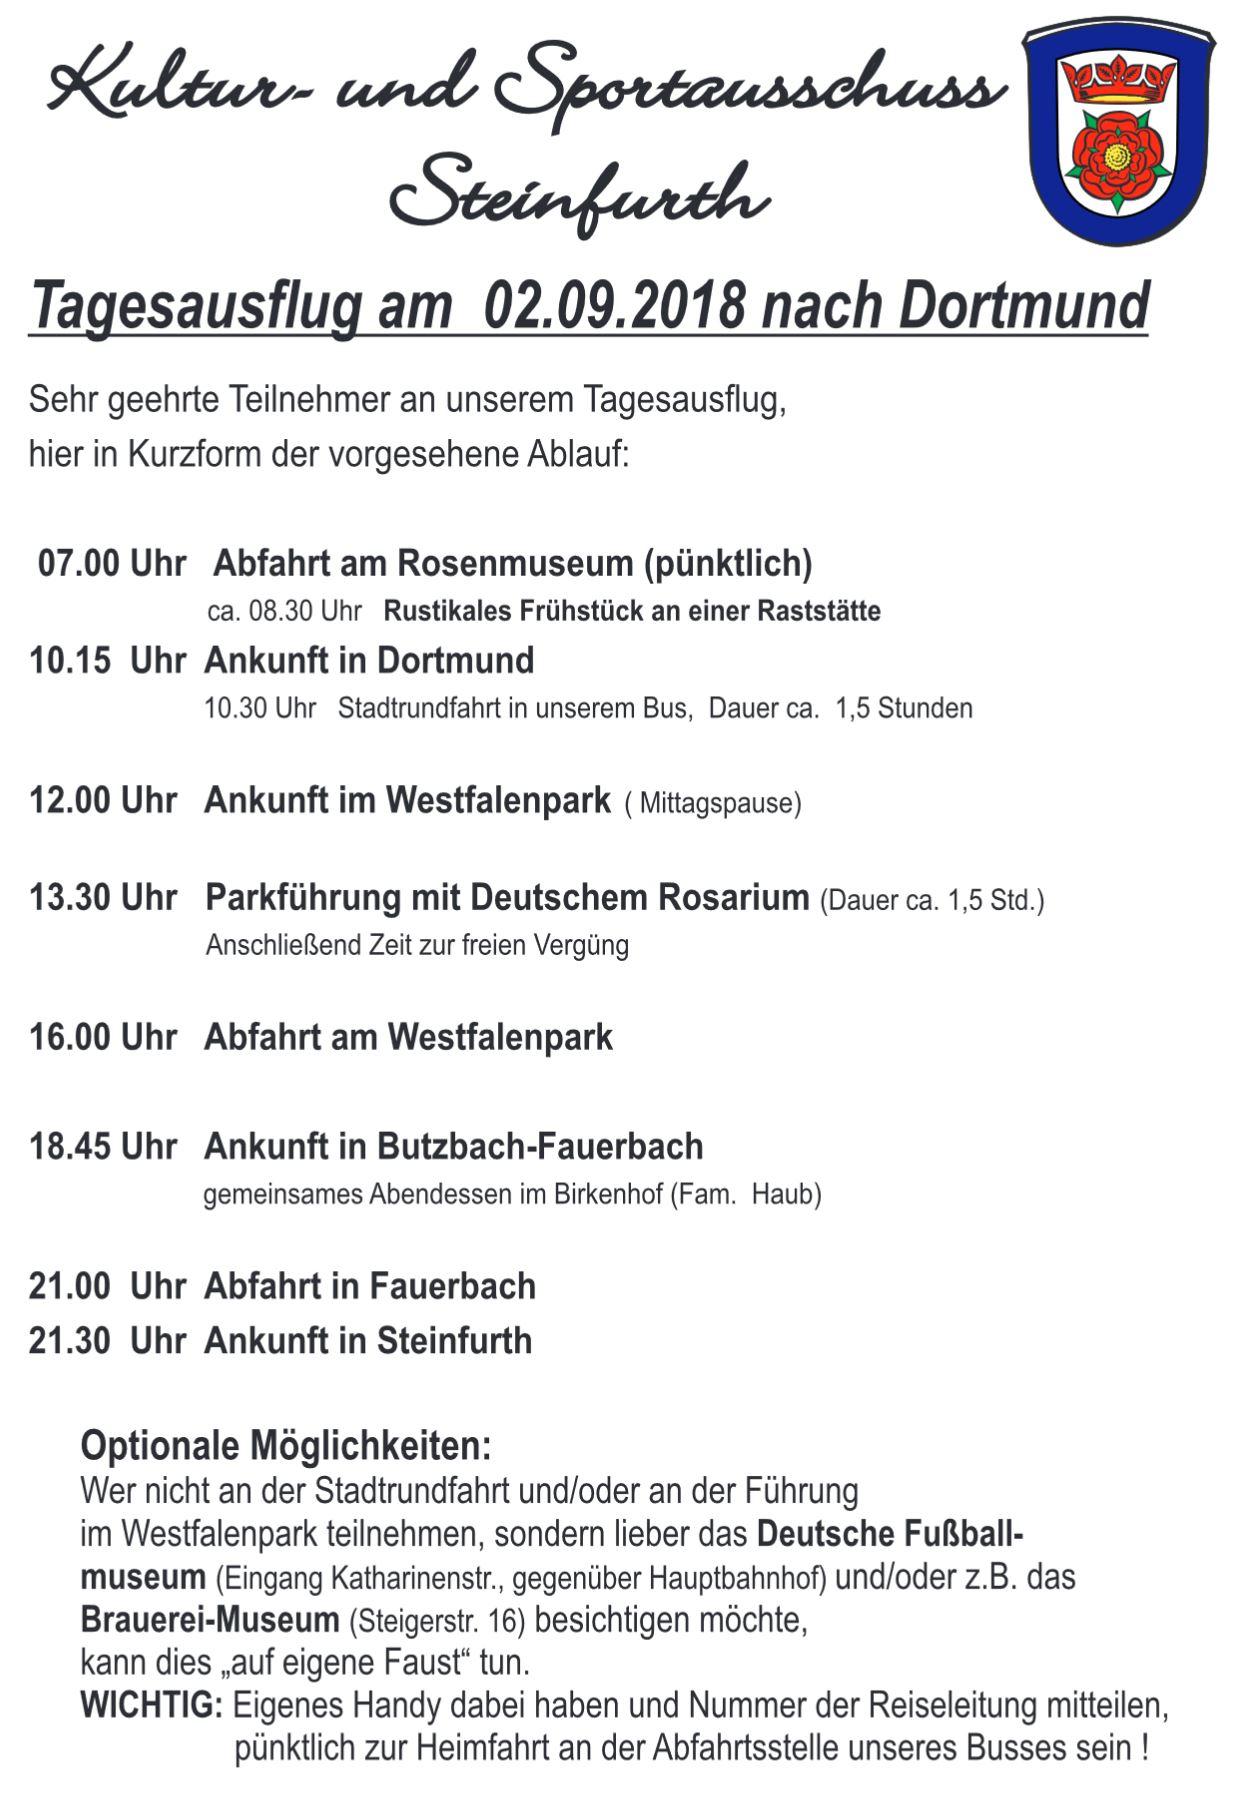 Ausflug KuSpo-Ausschuss @ Dortmund